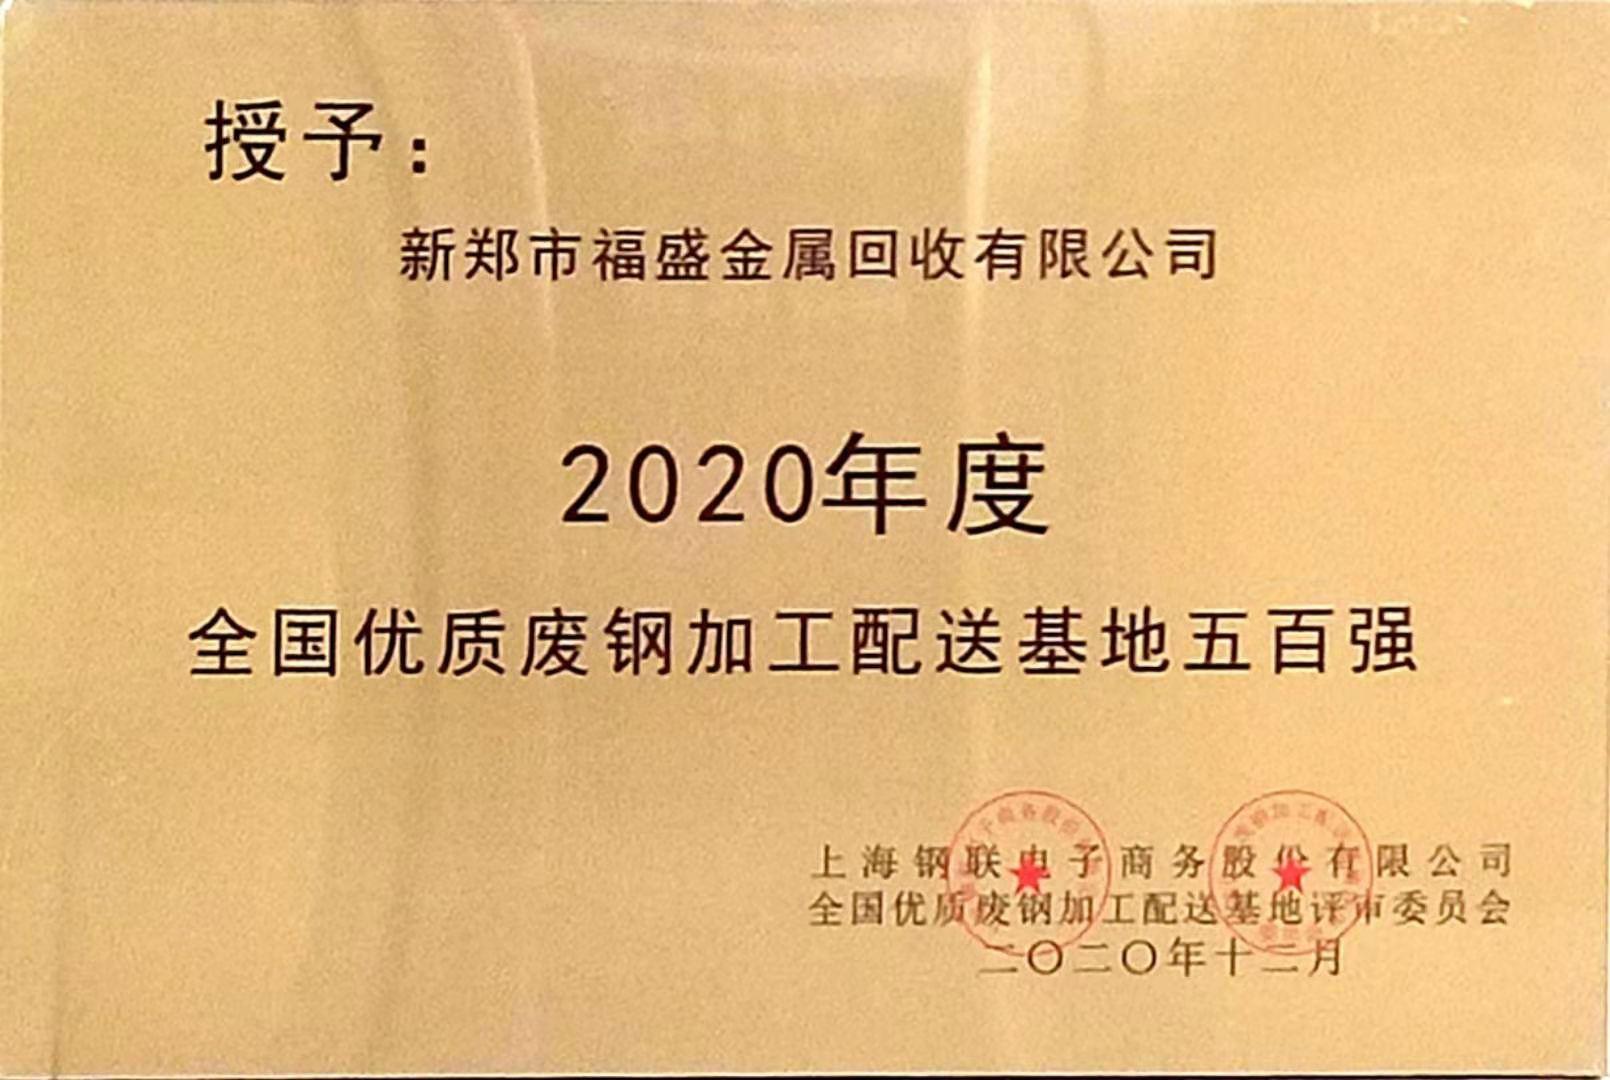 新鄭市福盛金屬回收有限公司榮獲2020年度全國優質廢鋼加工配送基地五百強